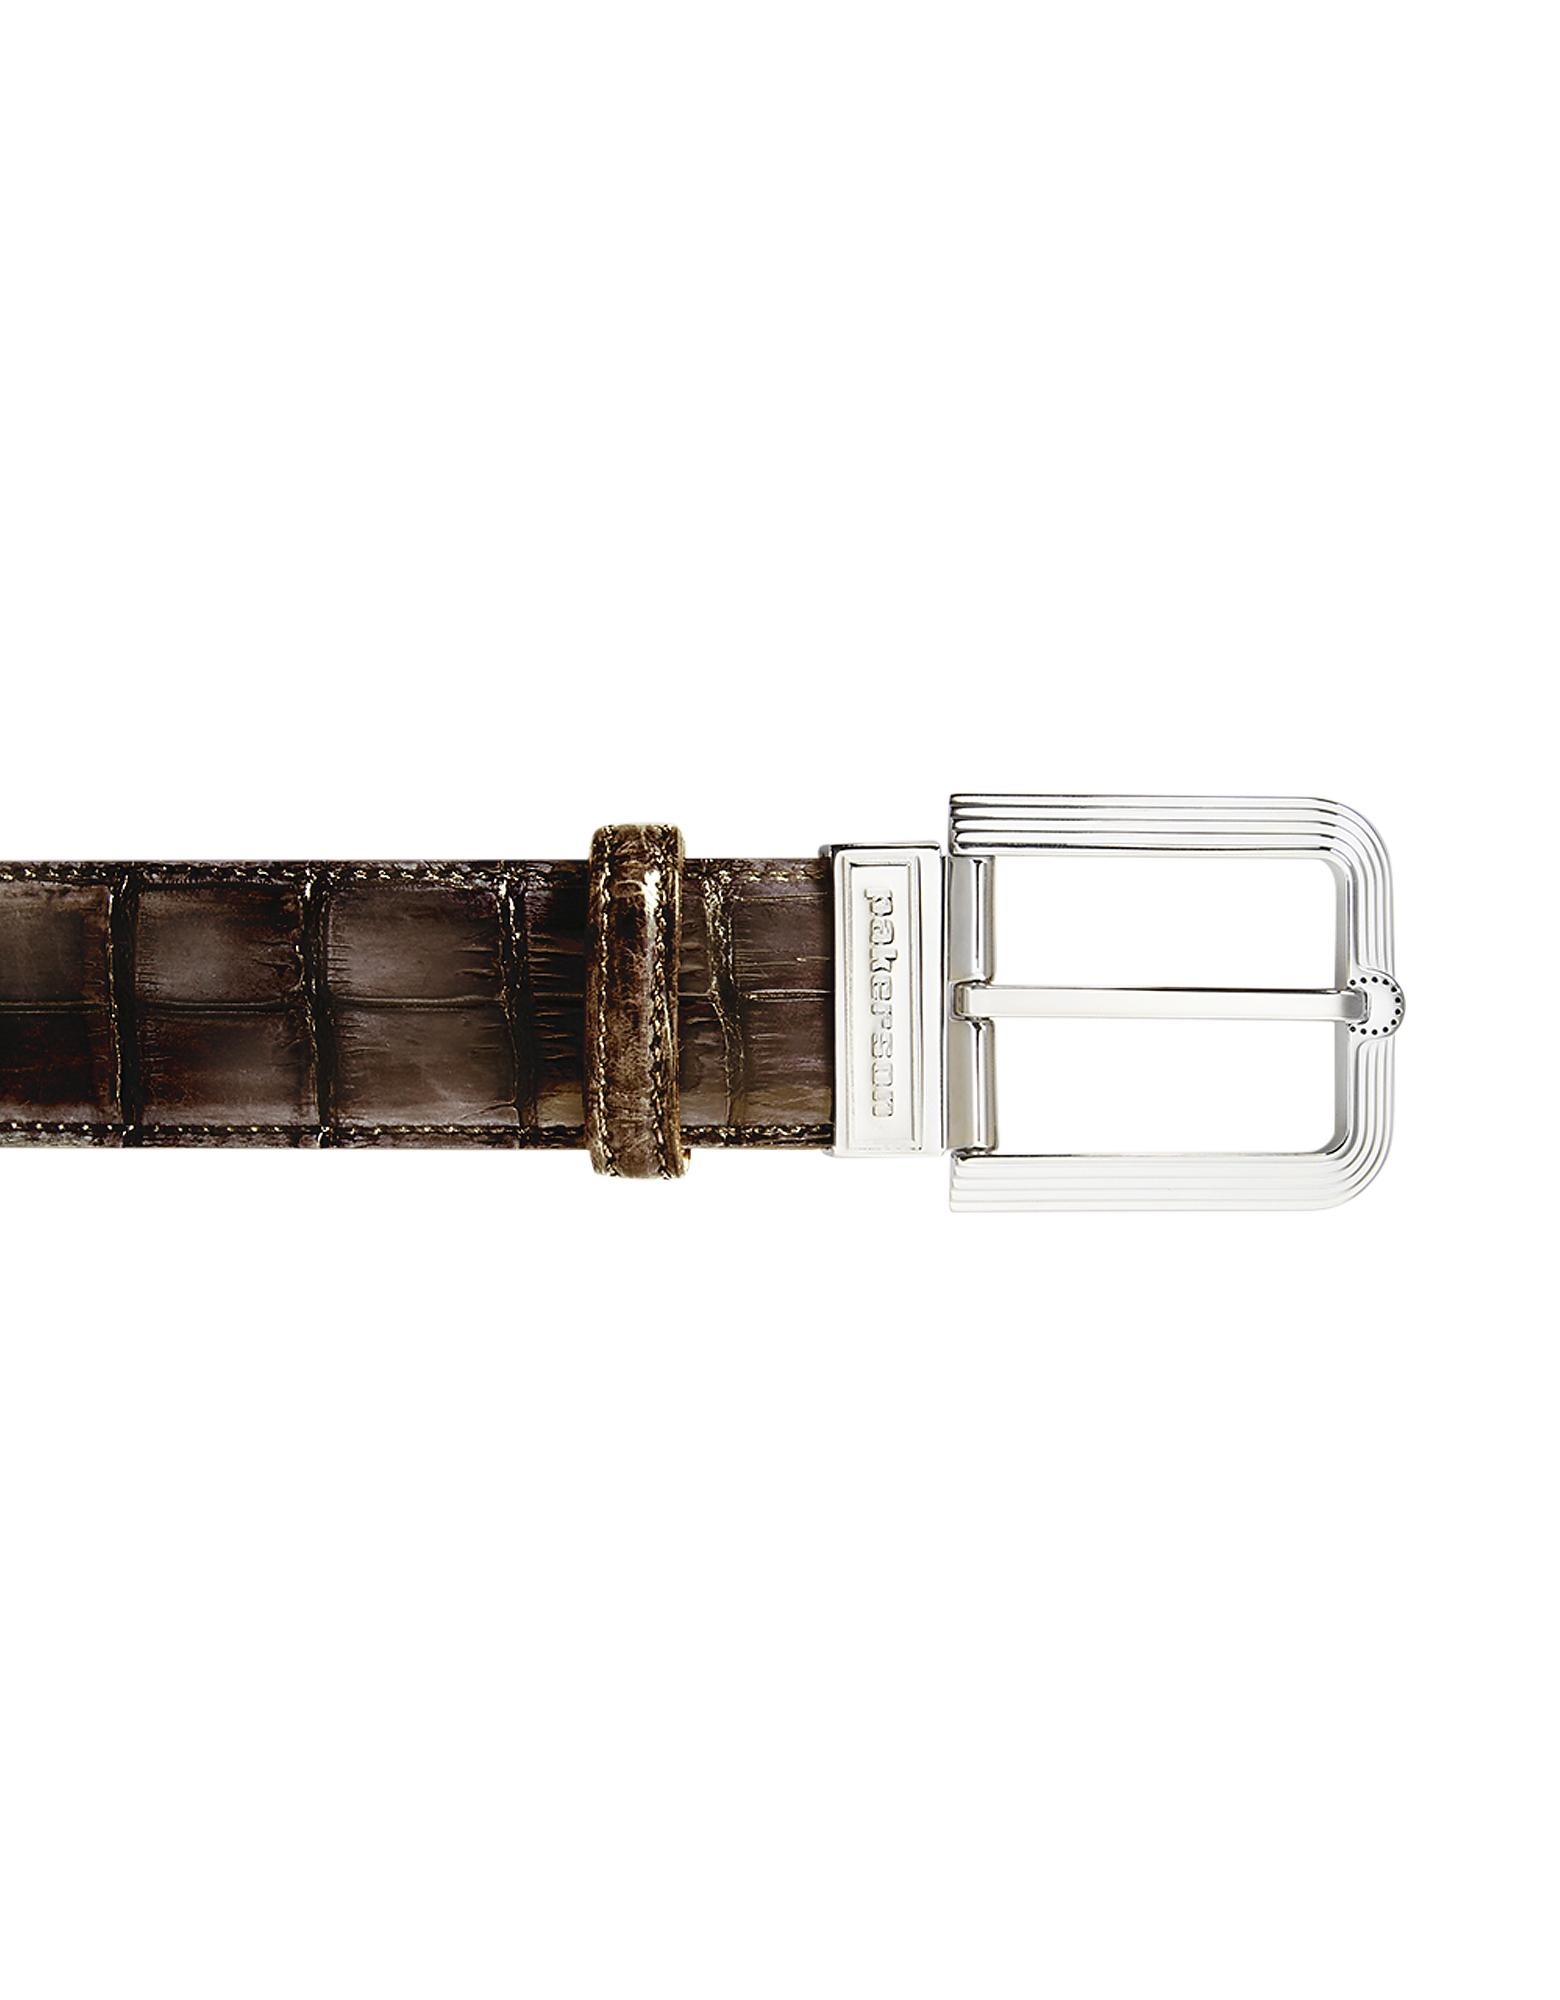 Fiesole Coffee Alligator Leather Belt w/ Silver Buckle, Brown